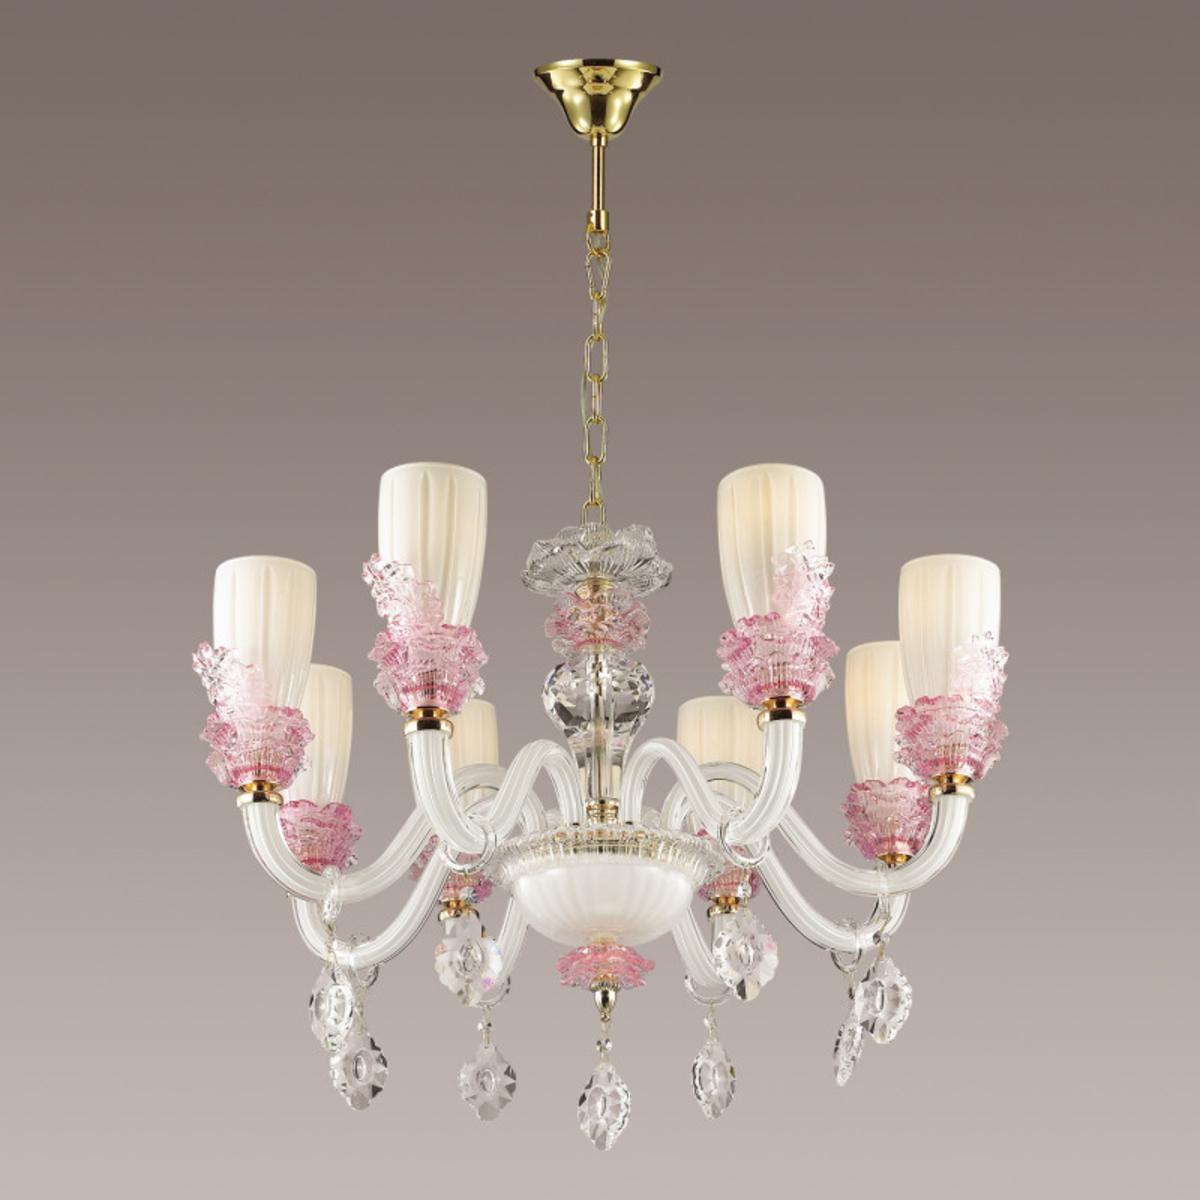 Купить Подвесная люстра ELISA Подвесная люстра Odeon Light 3935/8 (13535), HomeMe